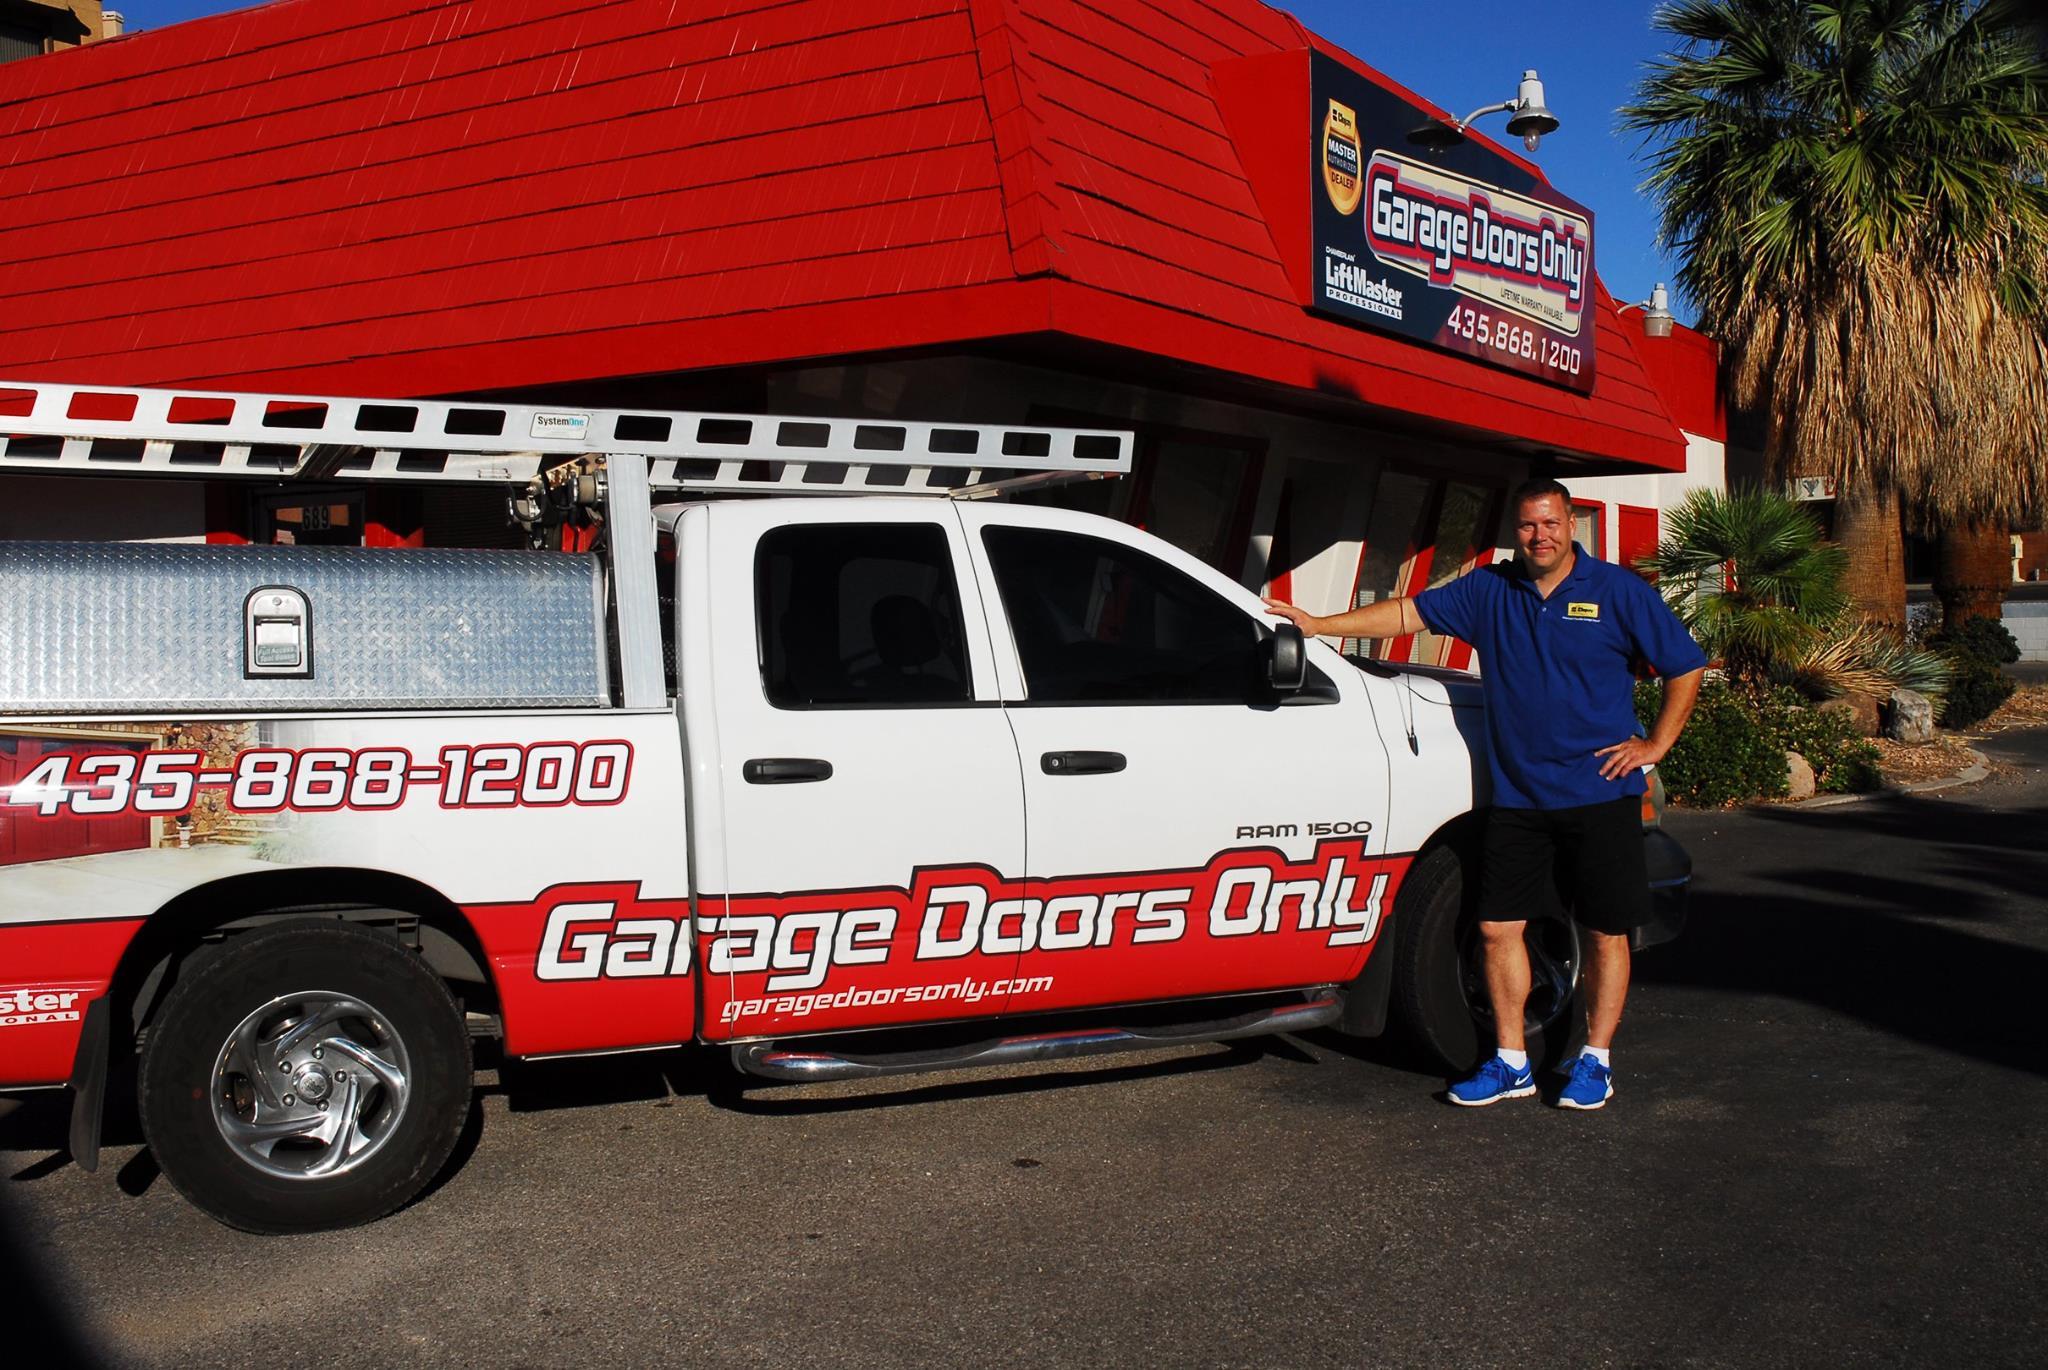 utah garage doorGarage Doors Only  St George  Payson Utah  Fast service Fair